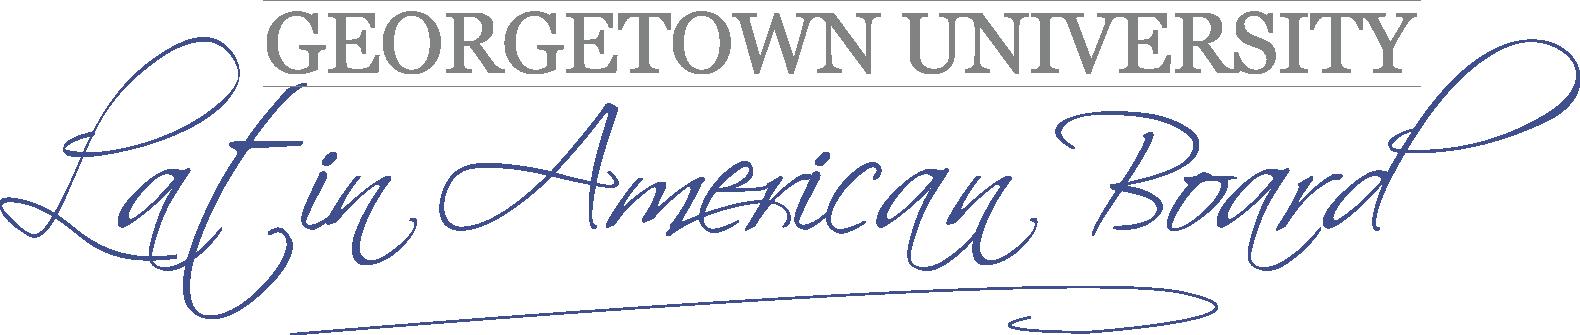 Latin American Board Logo